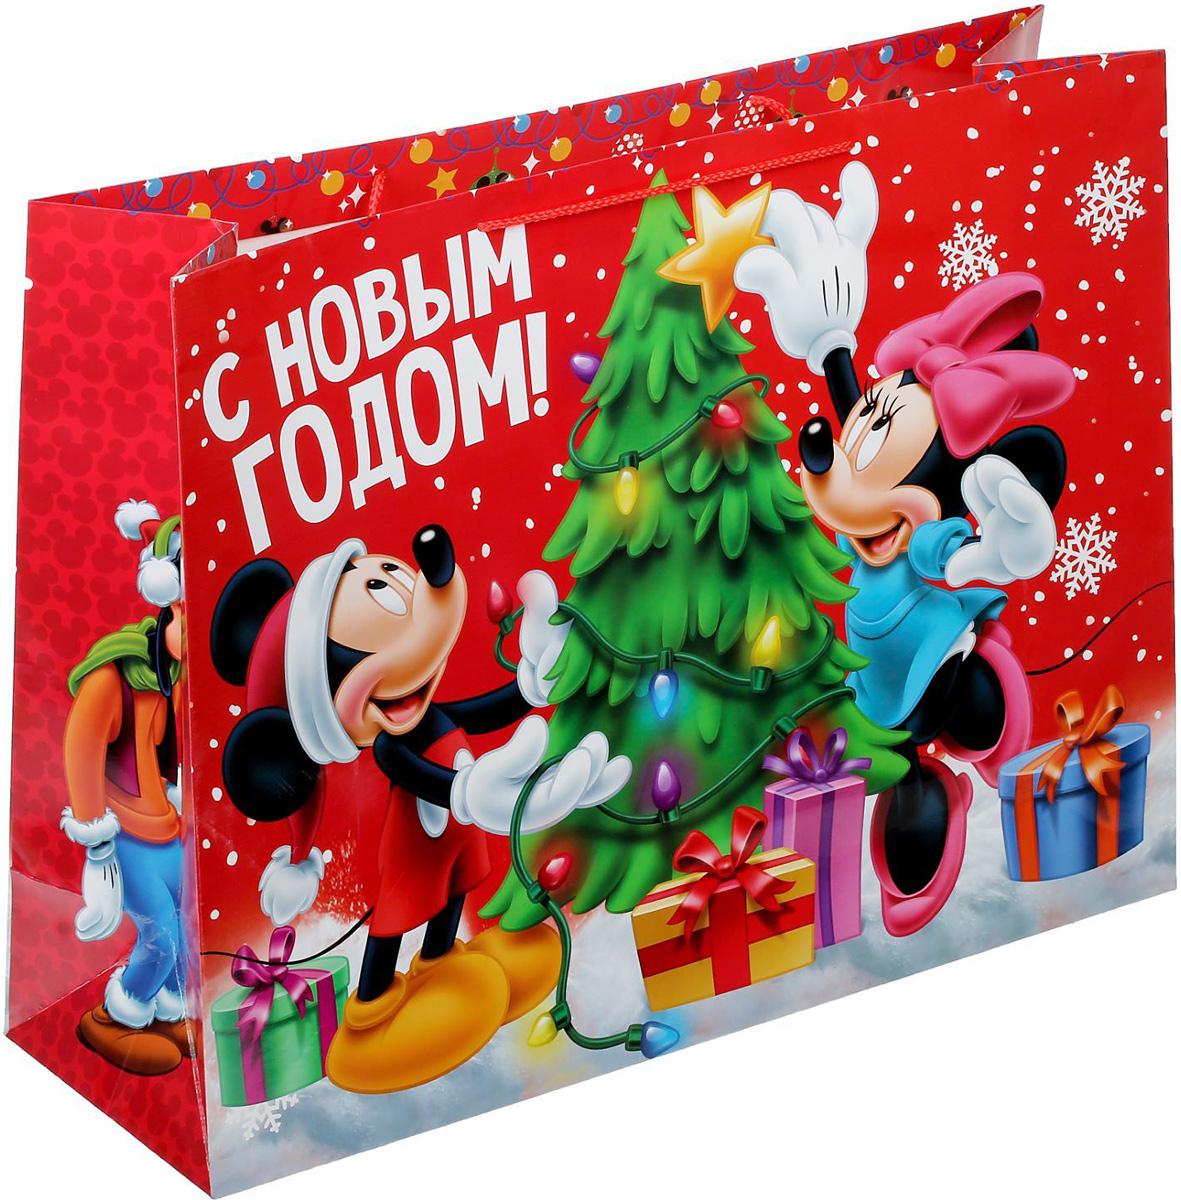 Пакет подарочный Disney Микки Маус и друзья. С Новым Годом!, 61 х 46 х 20 см. 13521161352116Подарочный пакет Disney Микки Маус и друзья. С Новым Годом!, изготовленный из картона, станет незаменимым дополнением к выбранному подарку. Для удобной переноски на пакете имеются две ручки.Подарок, преподнесенный в оригинальной упаковке, всегда будет самым эффектным и запоминающимся. Окружите близких людей вниманием и заботой, вручив презент в нарядном, праздничном оформлении.